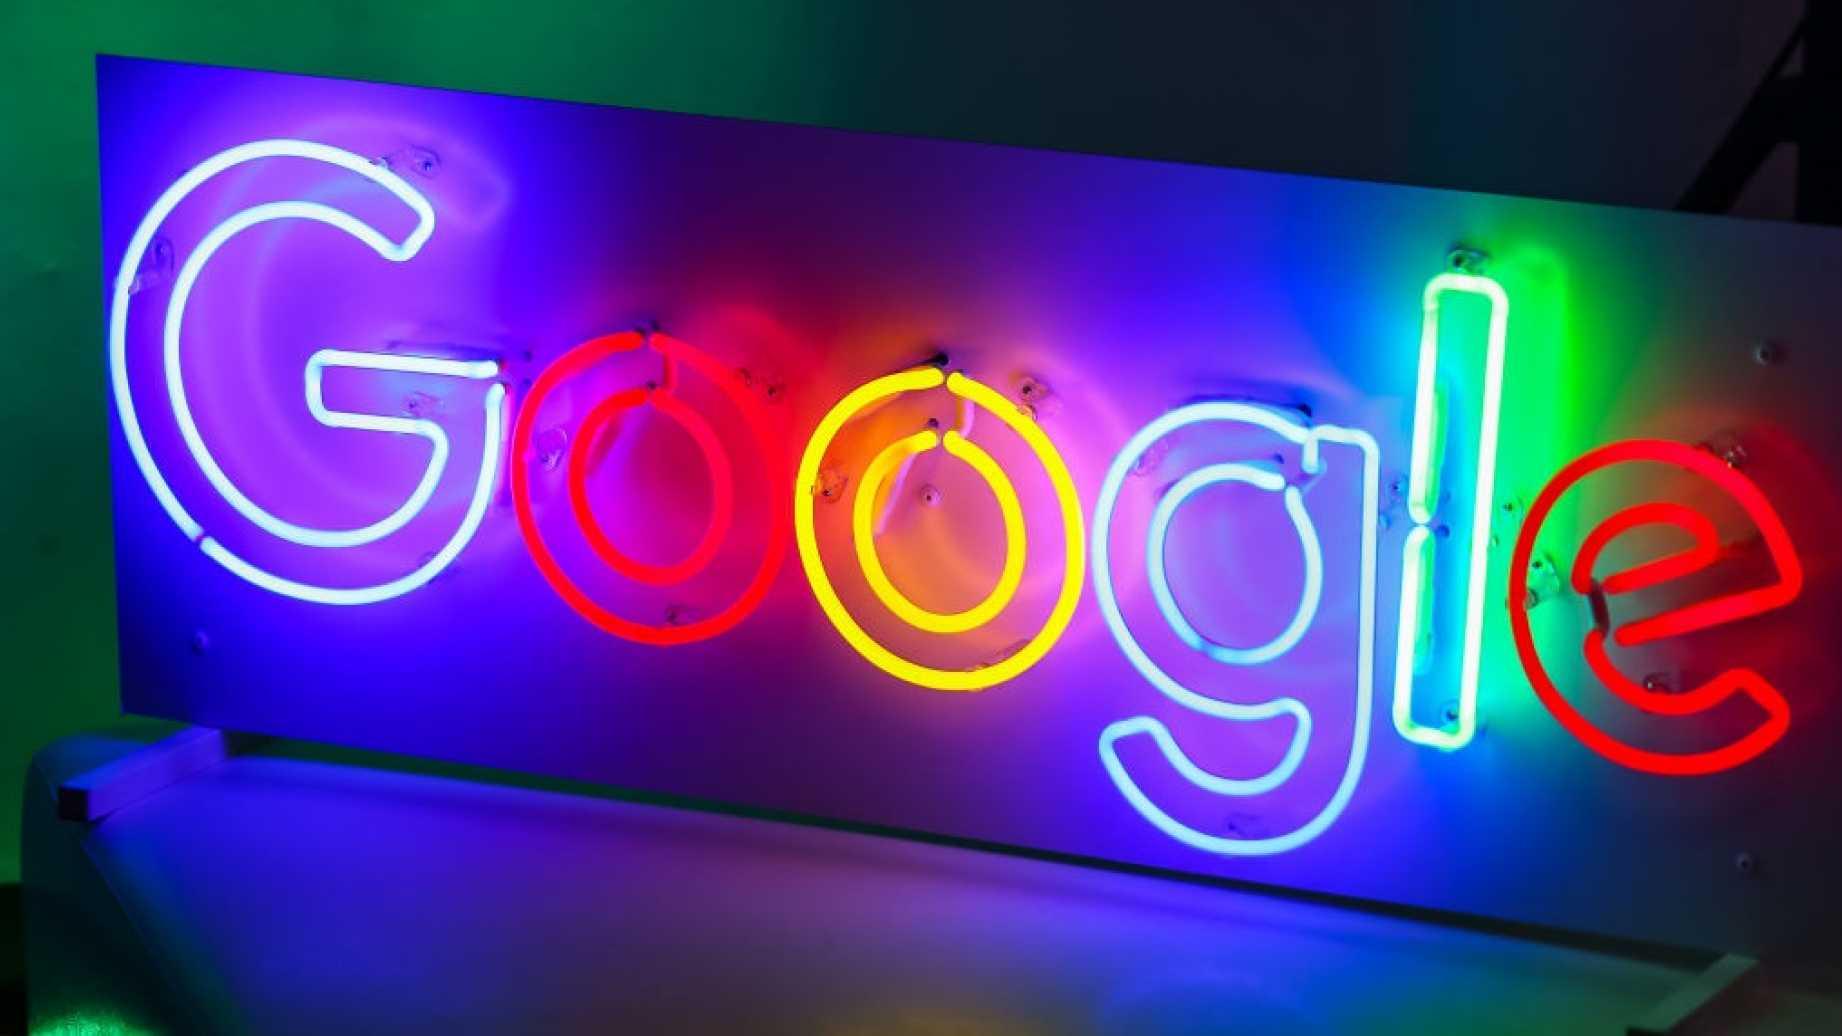 [Перевод] Остановите хищников Google, преследующих ваших детей